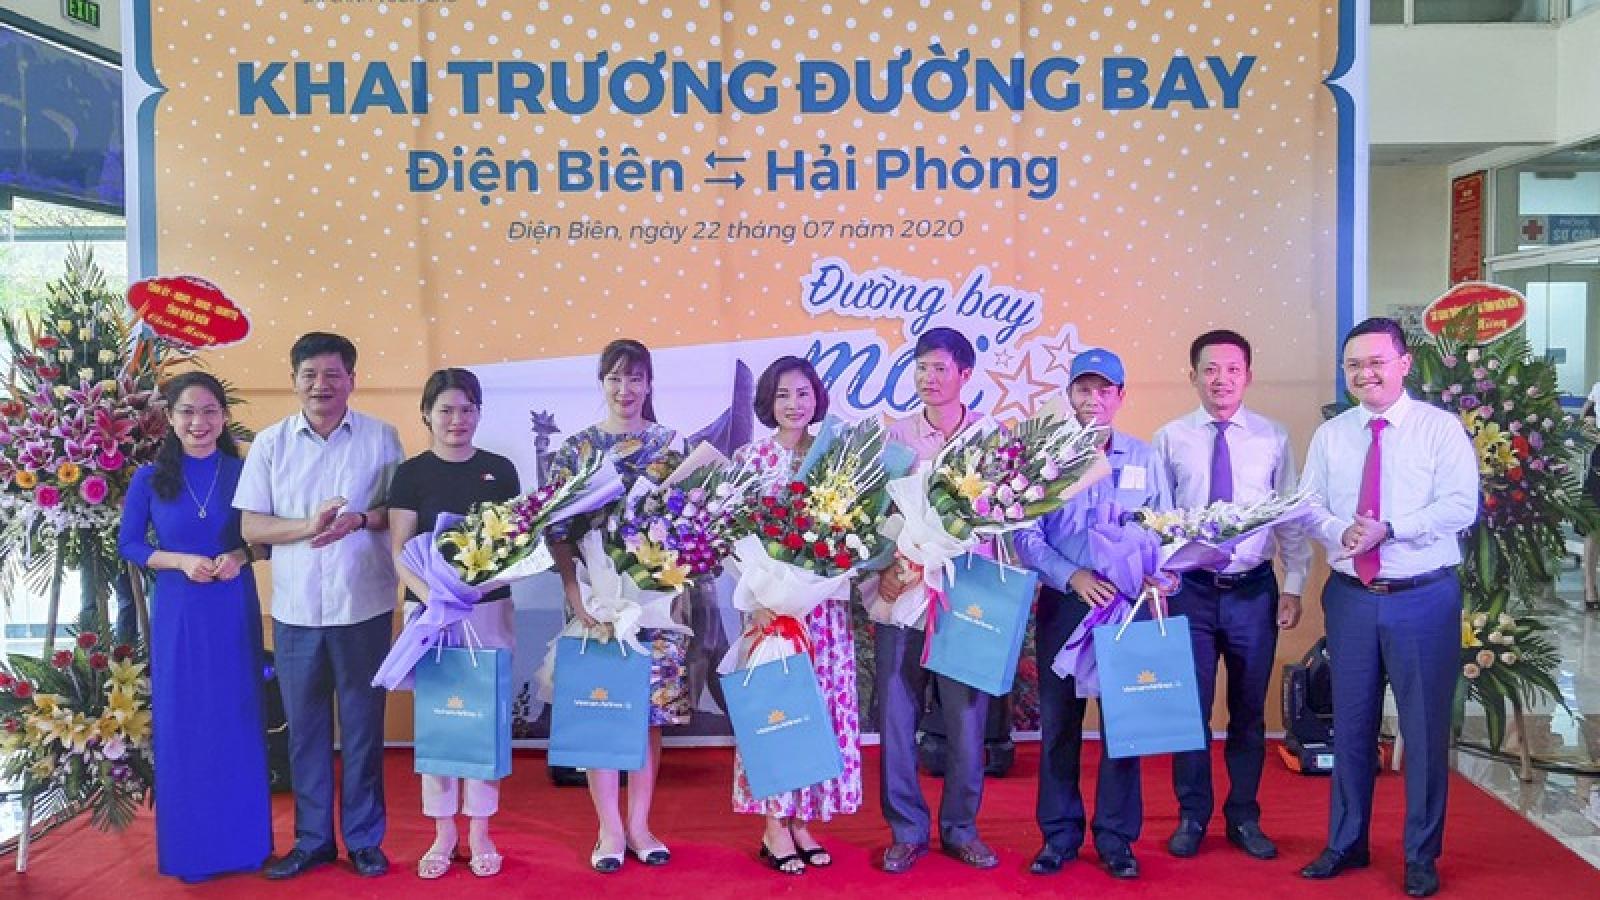 Khai trương đường bay mới Điện Biên - Hải Phòng